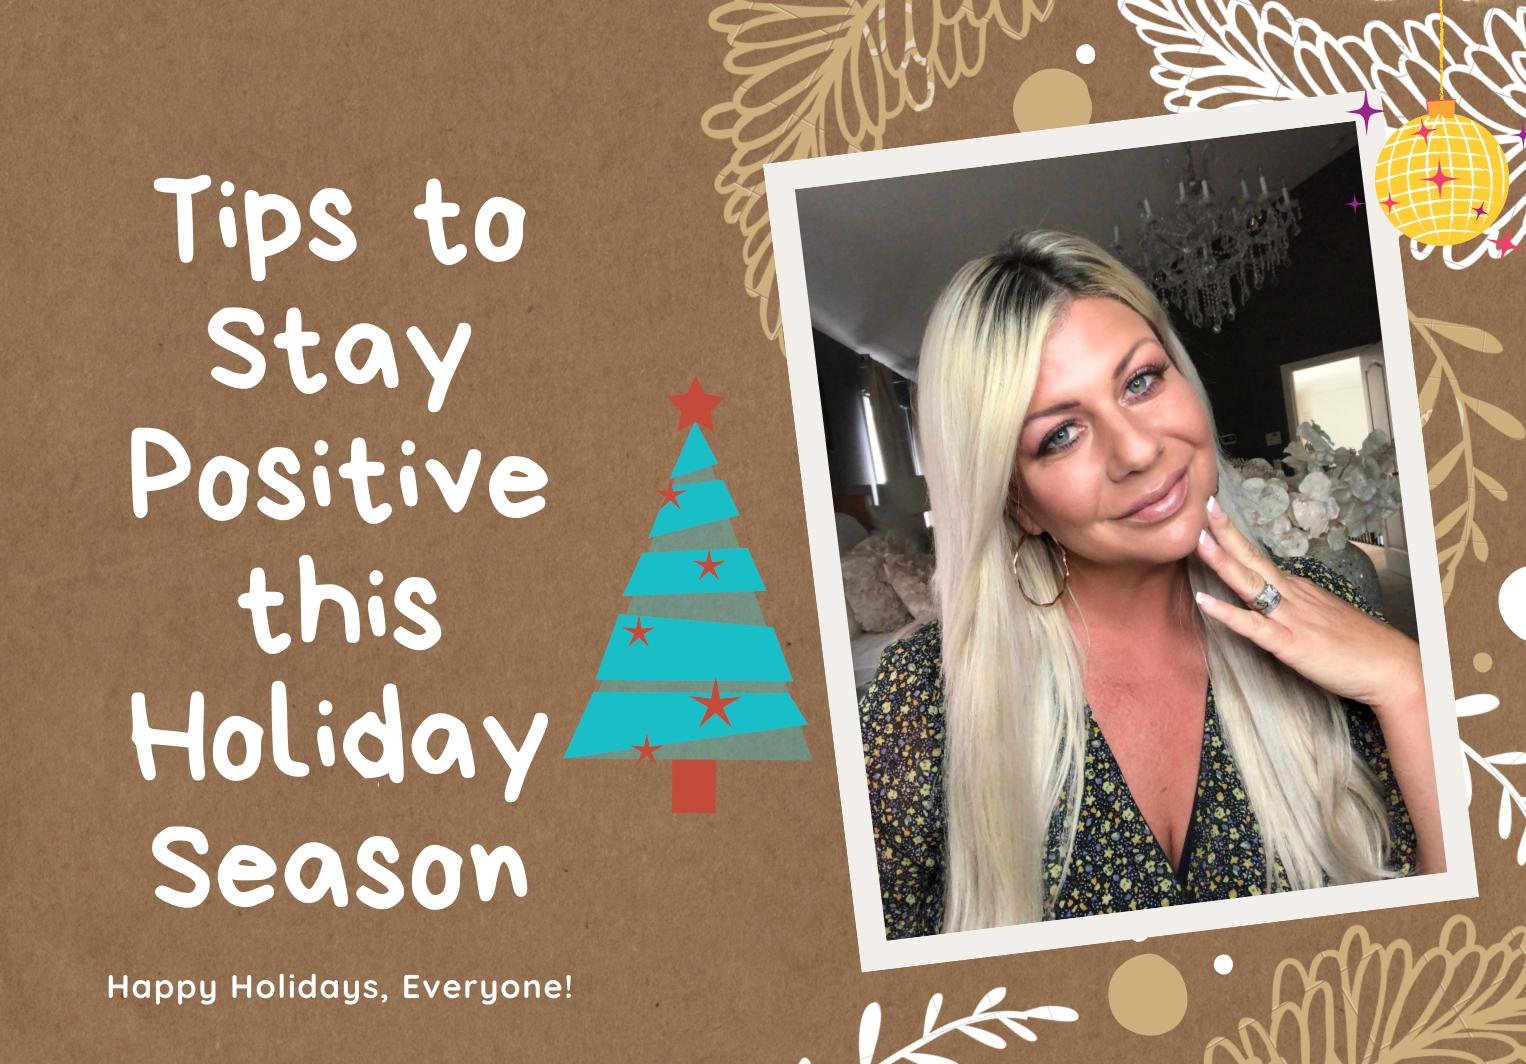 ShannonLazovski_Holidays